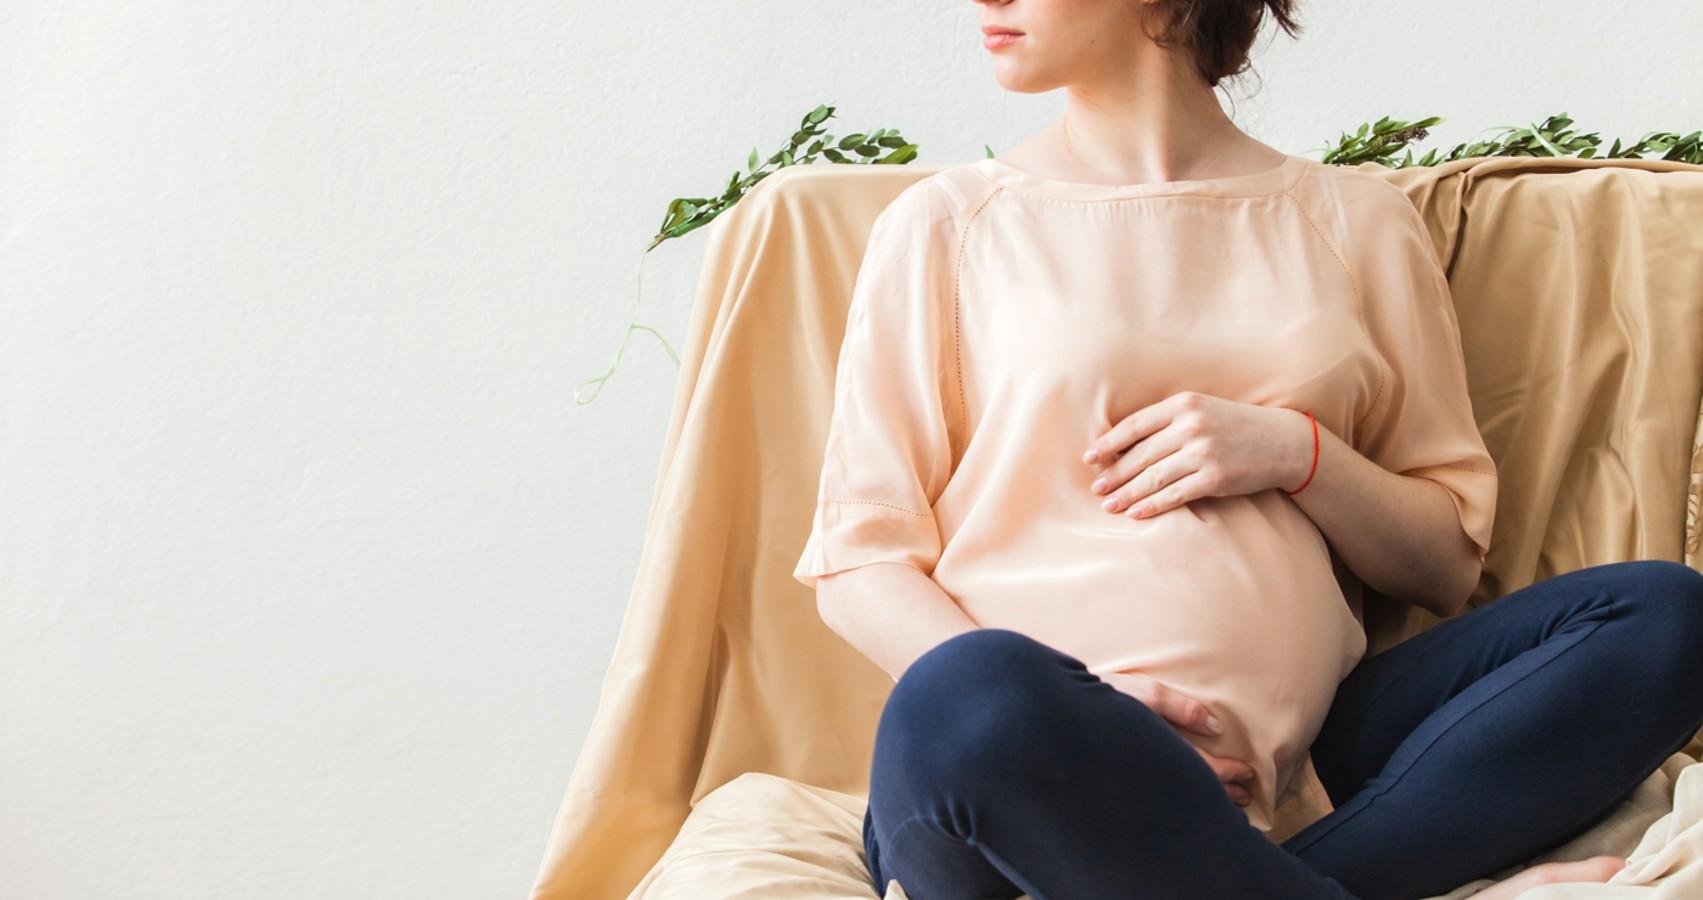 Женщина на восьмом месяце беременности рассказала о страхах из-за коронавируса